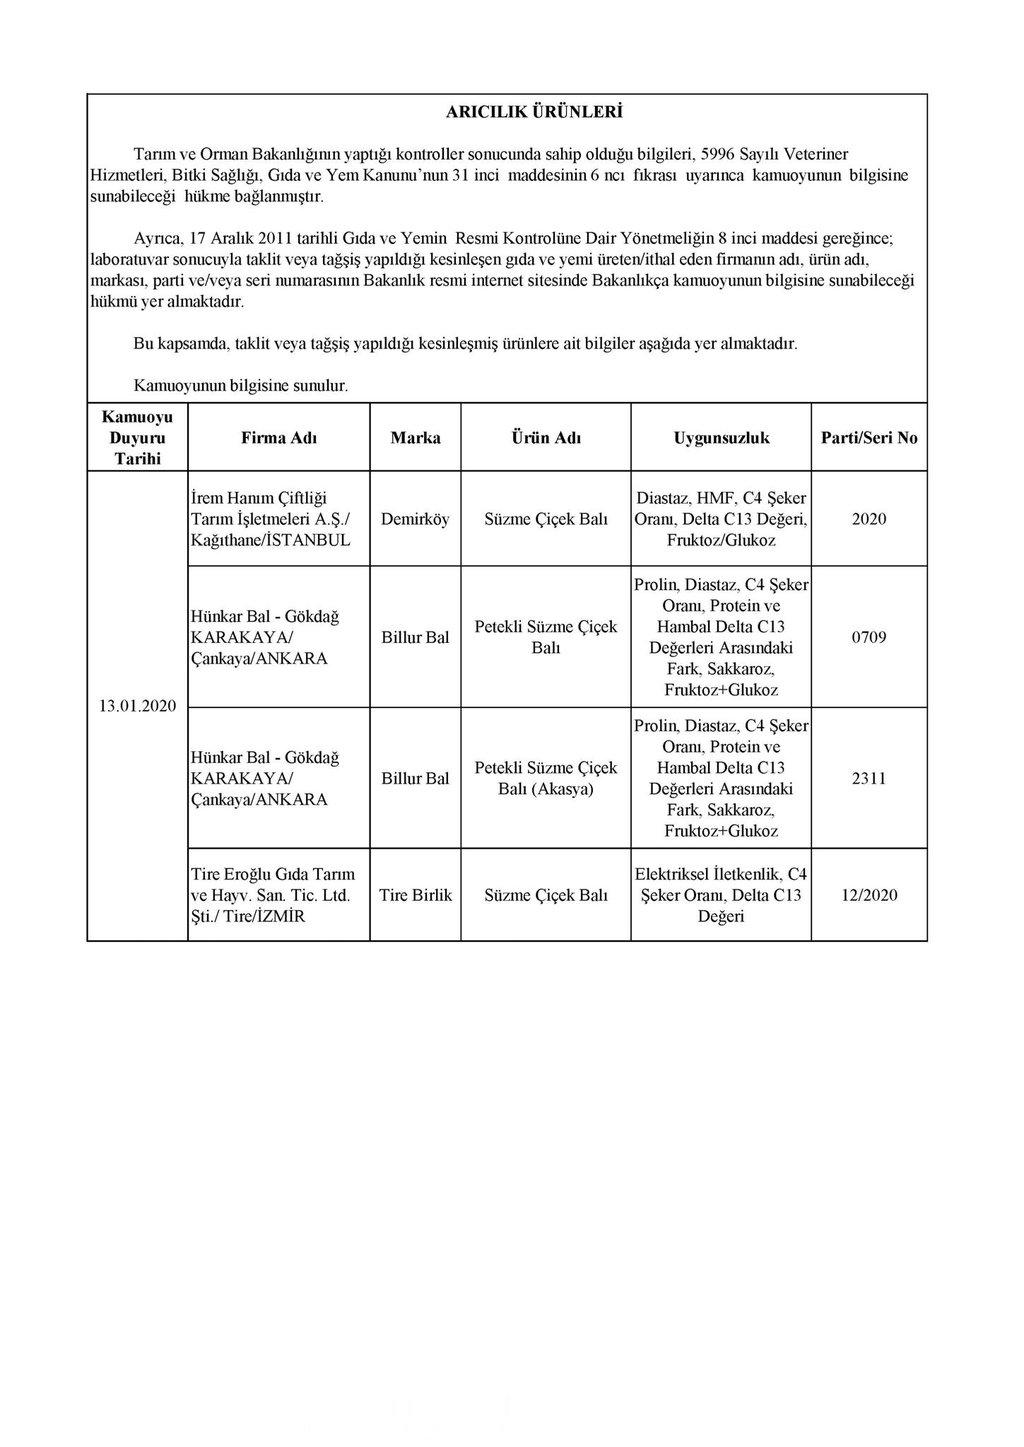 Tarım ve Orman Bakanlığı 386 parti ürünün hileli olduğunu açıkladı! İşte hileli ürünler listesi